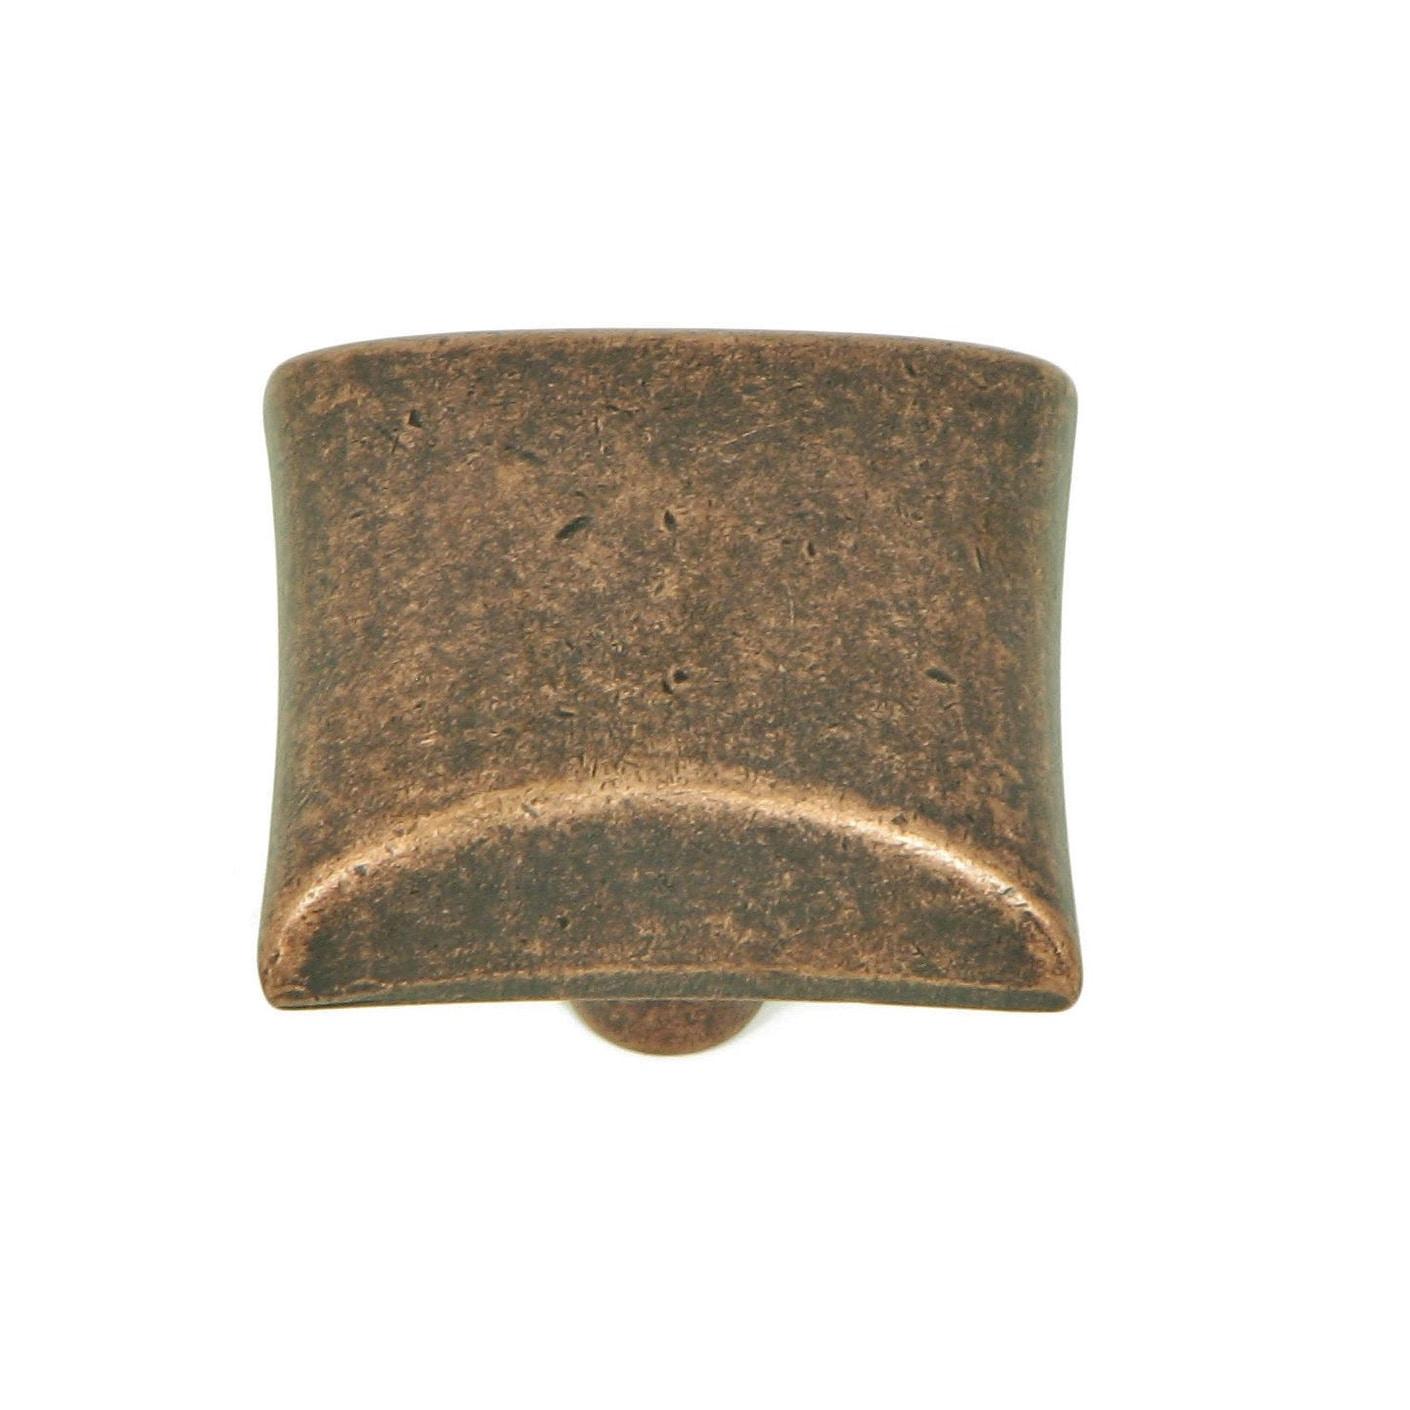 Stone Mill Hardware - Antique Copper Bella Cabinet Knobs (Pack of 10) - Shop Stone Mill Hardware - Antique Copper Bella Cabinet Knobs (Pack